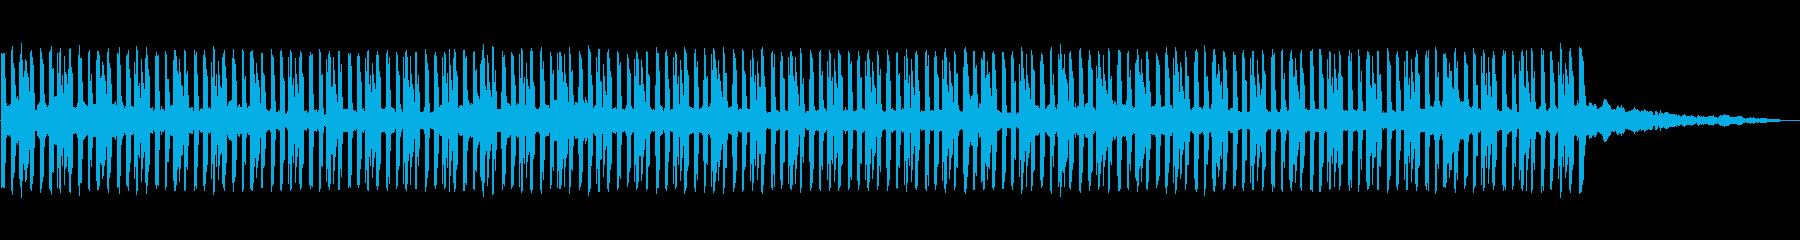 プログレッシブハウス。商用アコーデ...の再生済みの波形